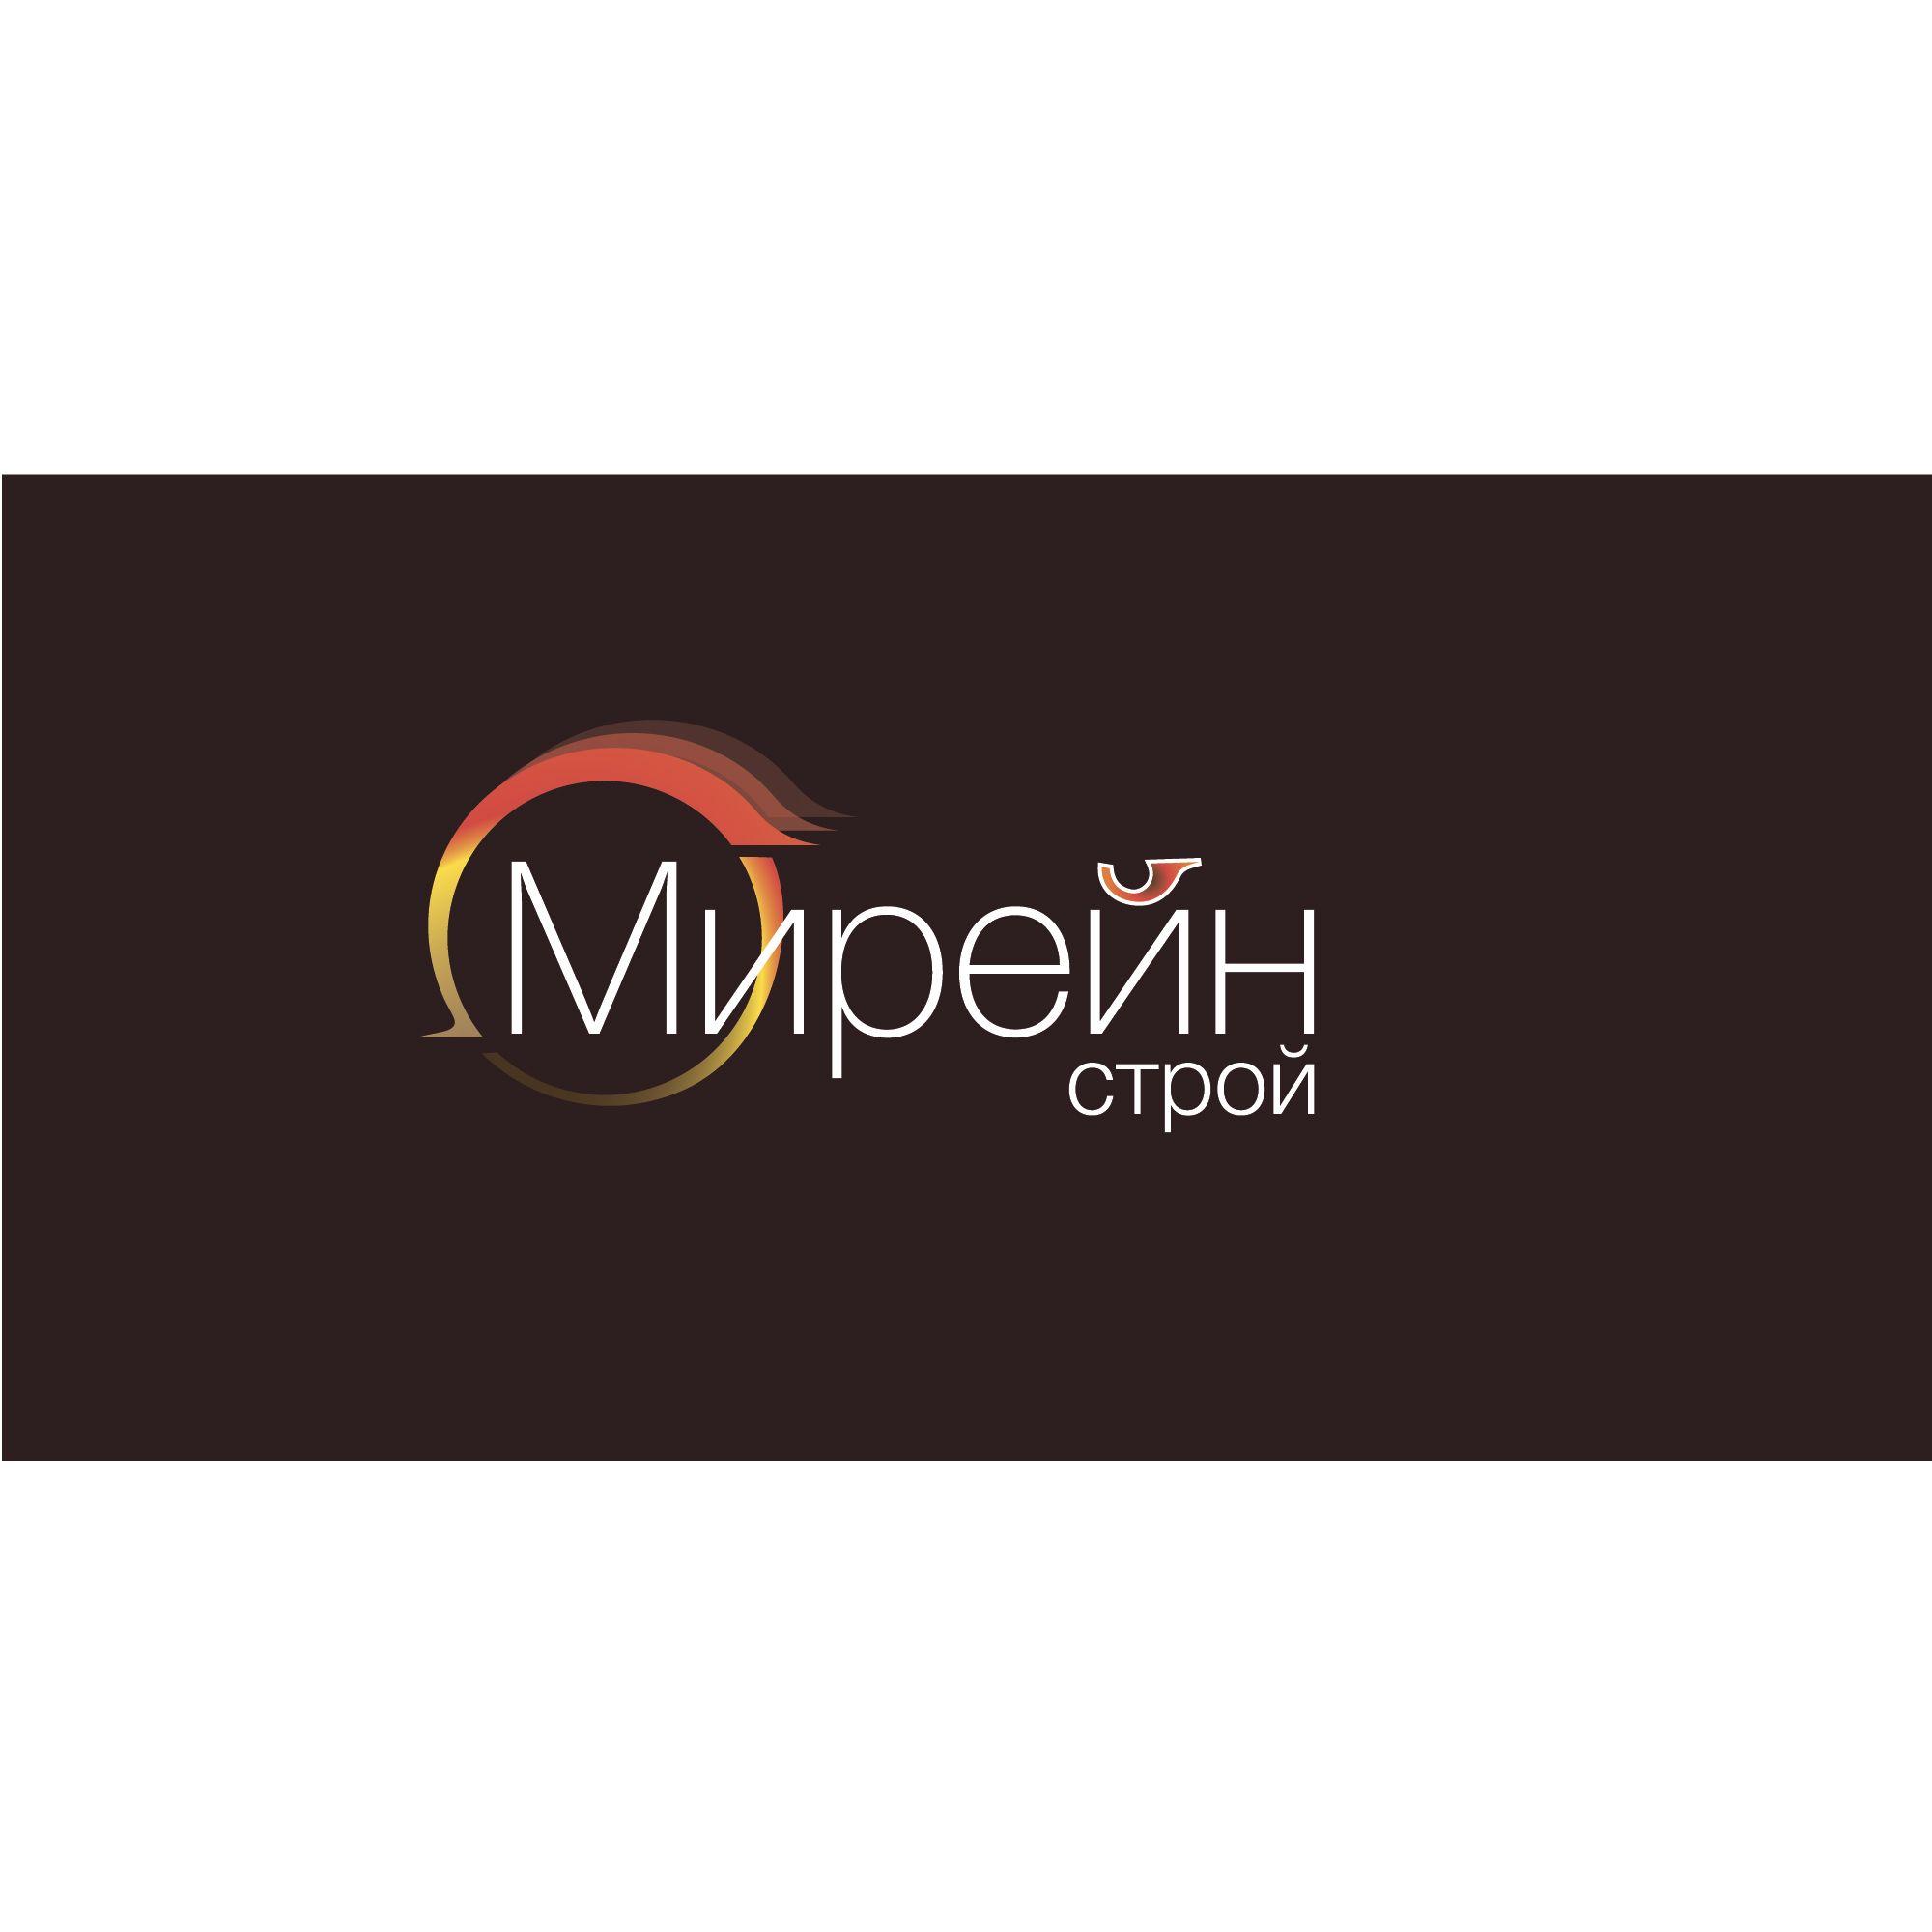 Логотип для группы компаний Мирейн - дизайнер atmannn